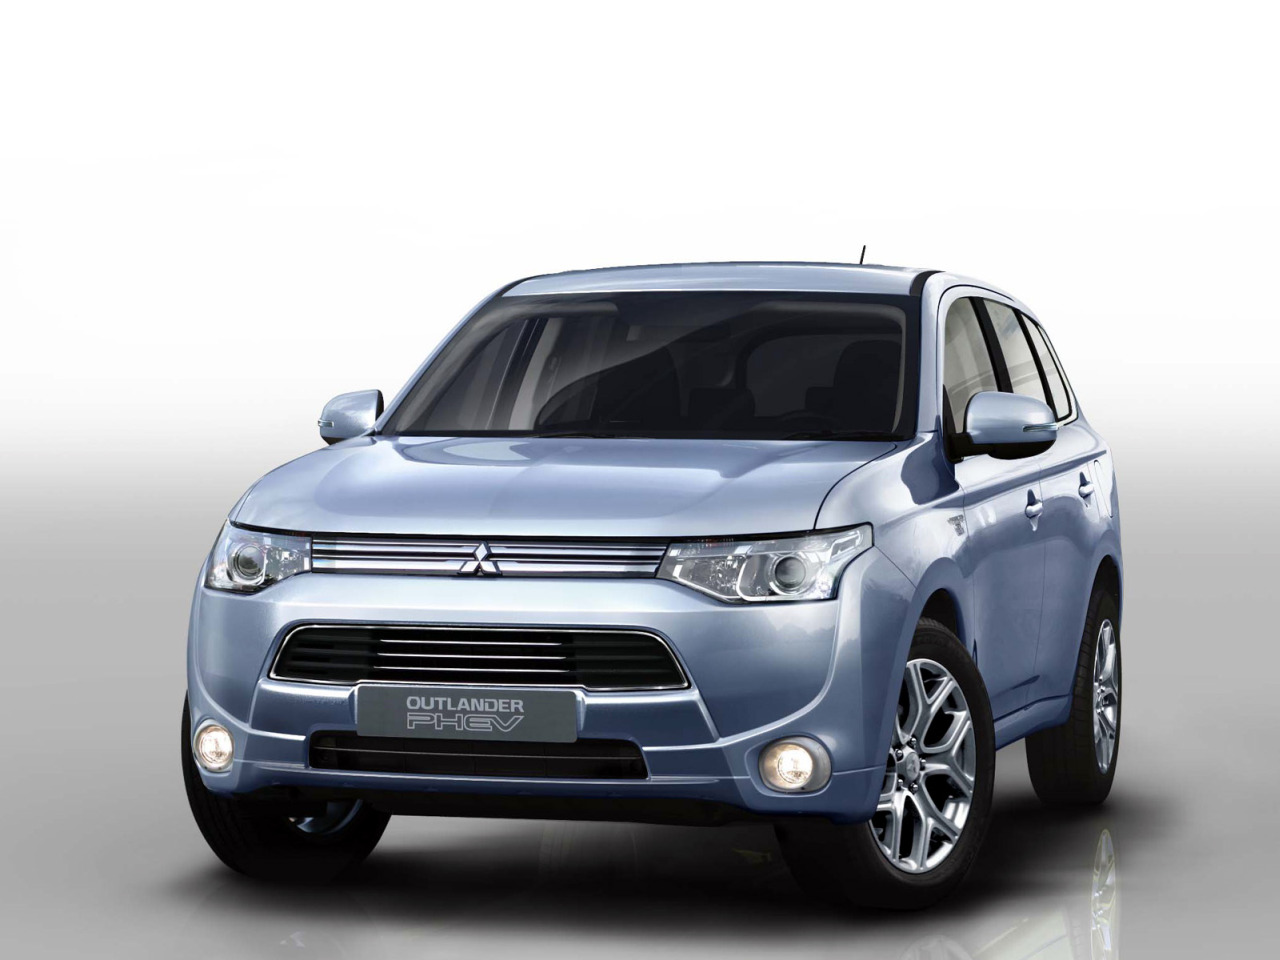 Mitsubishi Outlander PHEV 2013 02